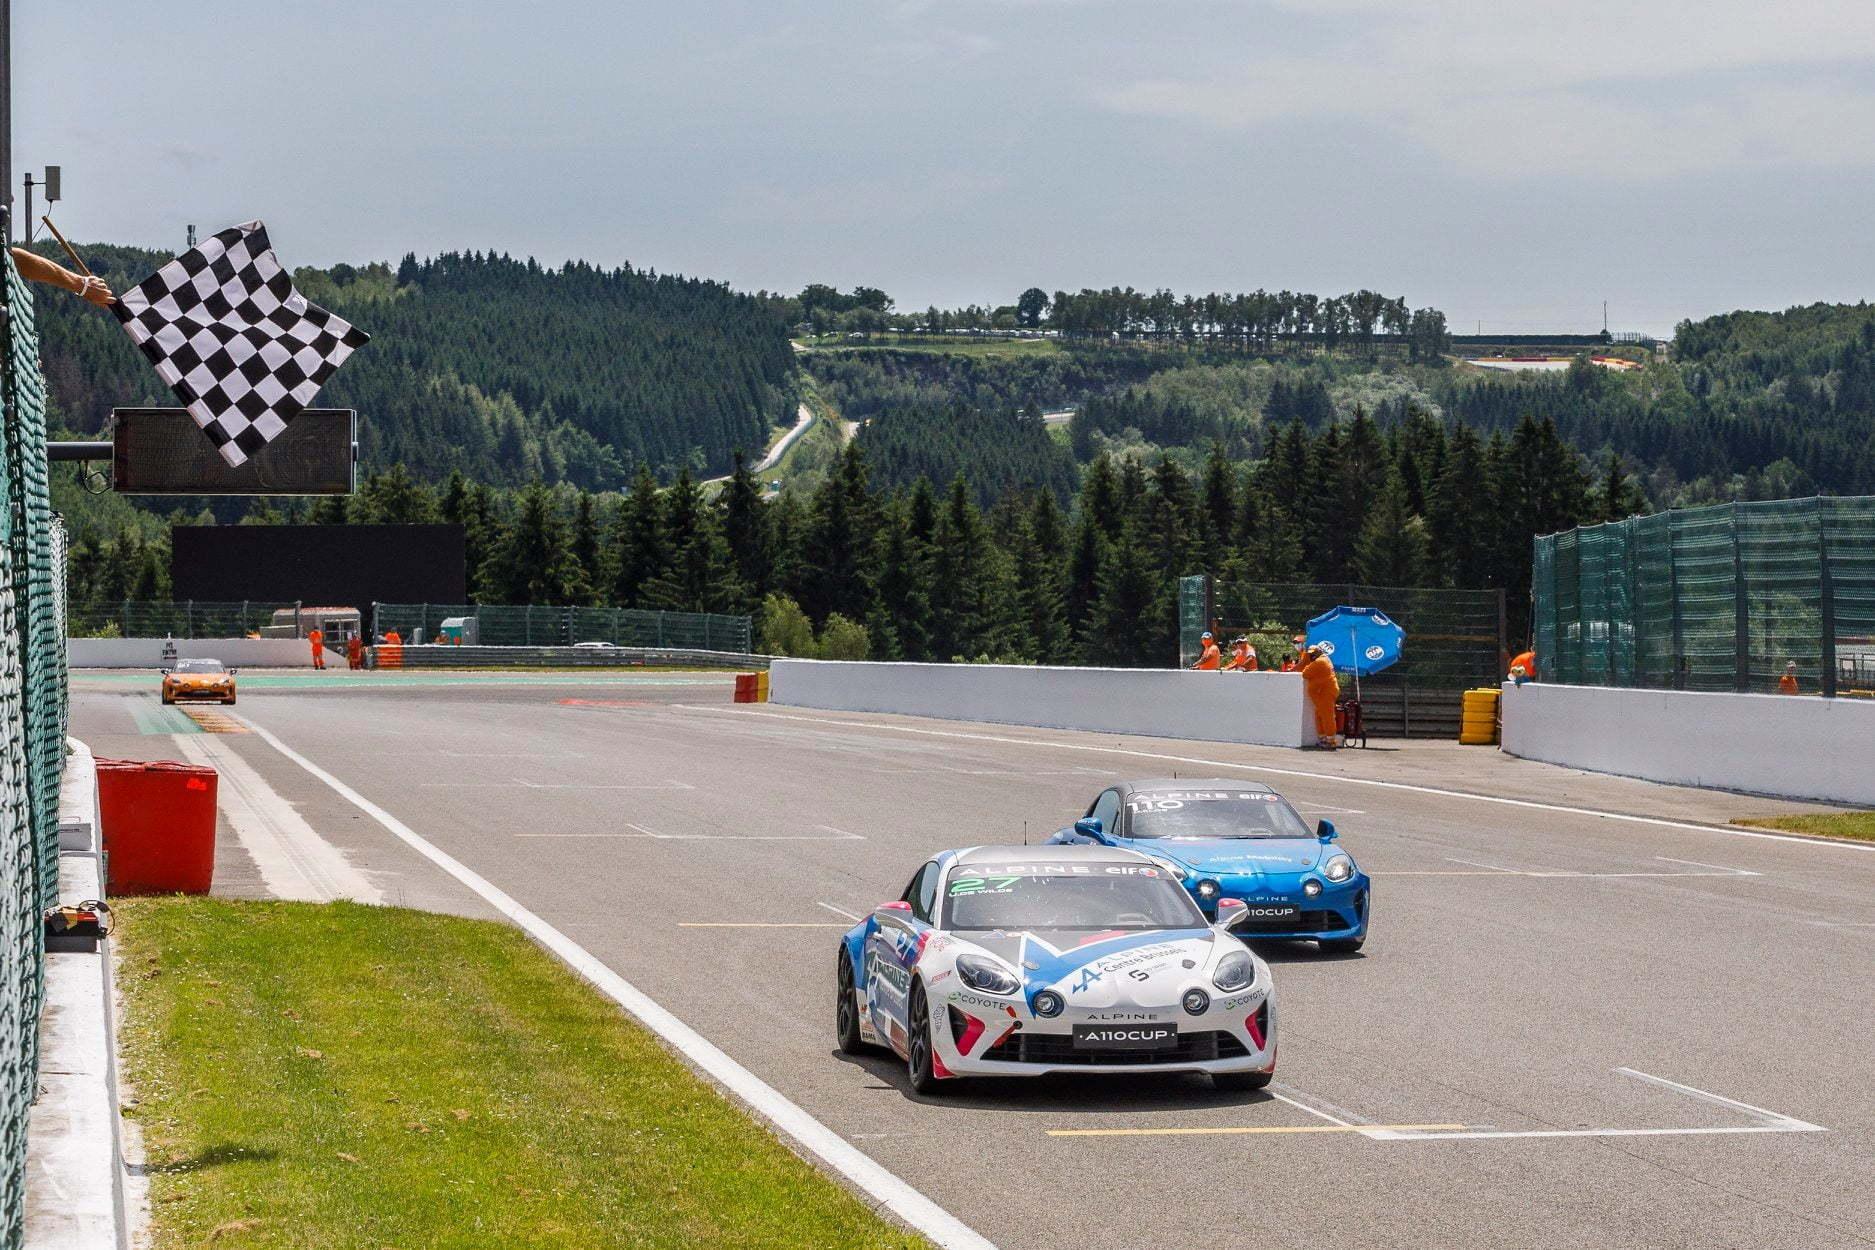 Alpine Elf Europa Cup Spa Francorchamps 2021 9 | Alpine Elf Europa Cup 2021 : Laurent Hurgon et Dani clos victorieux à Spa-Francorchamps